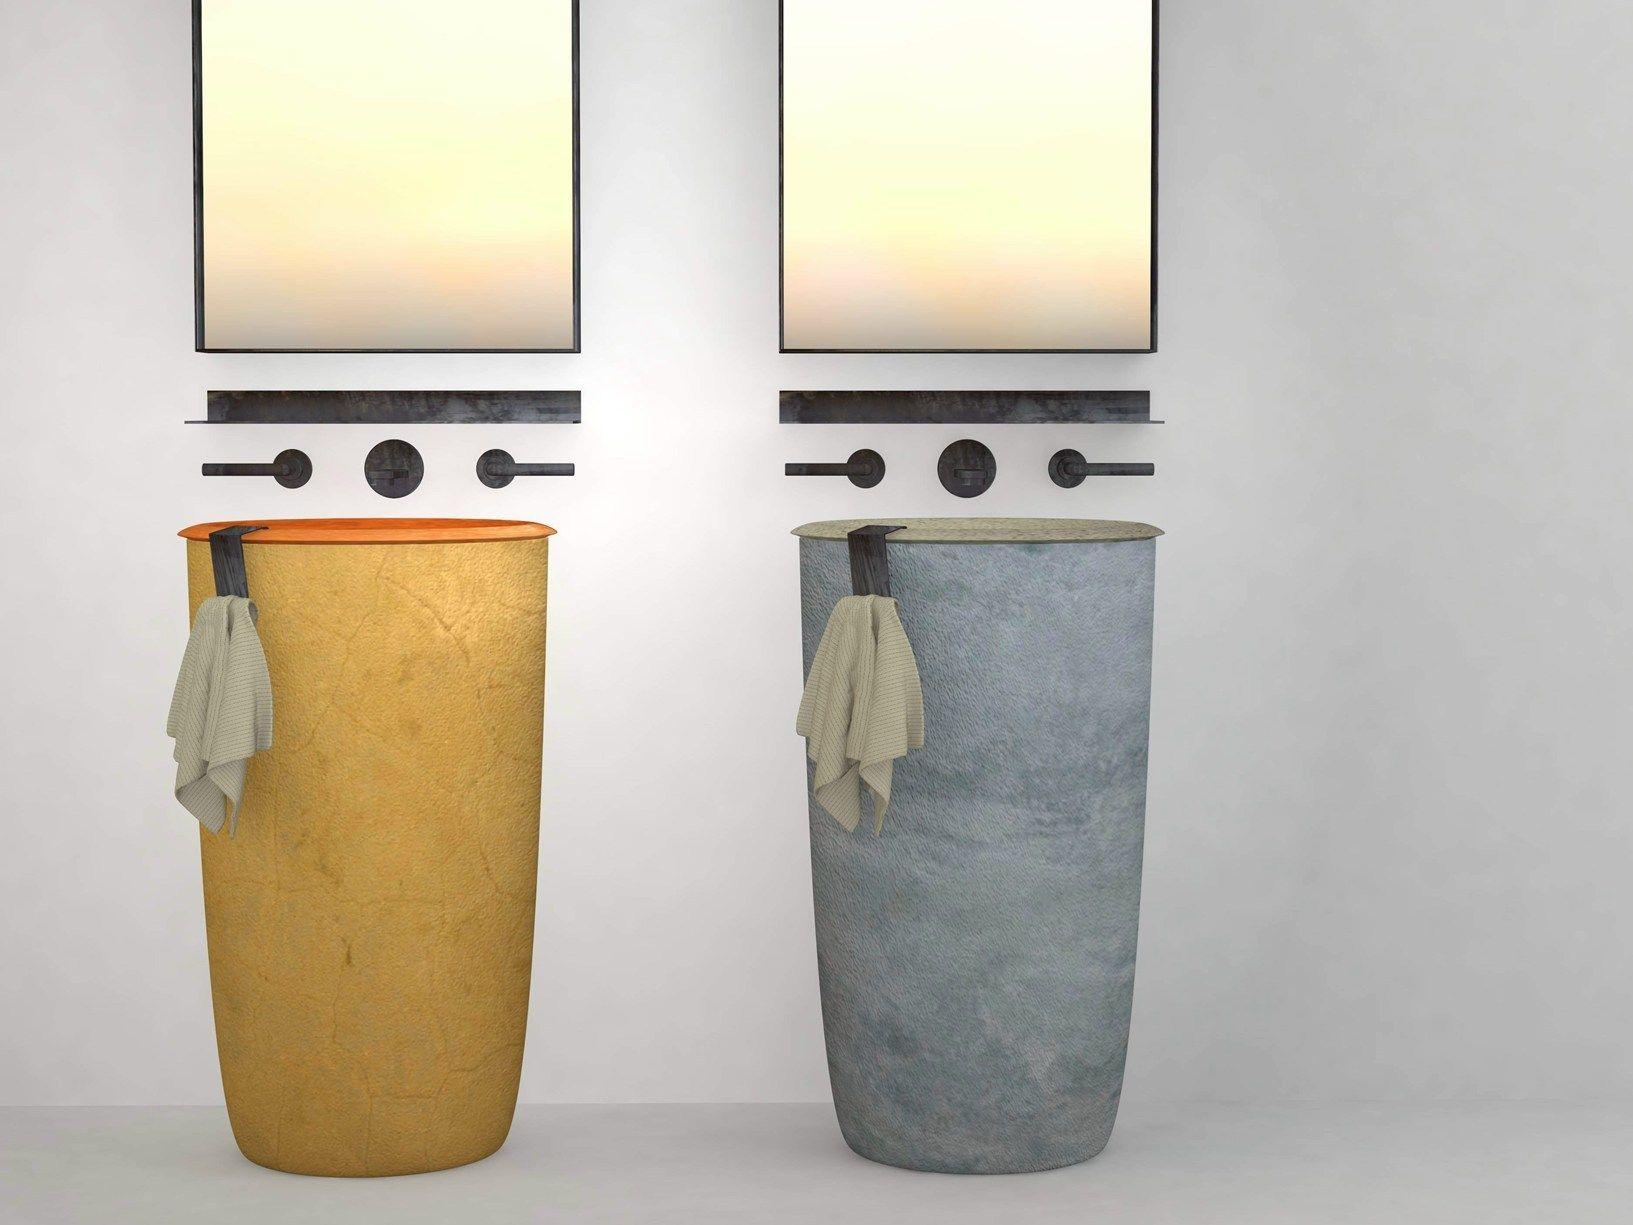 Alessandro lasferza at salone internazionale del bagno - Salone del bagno ...